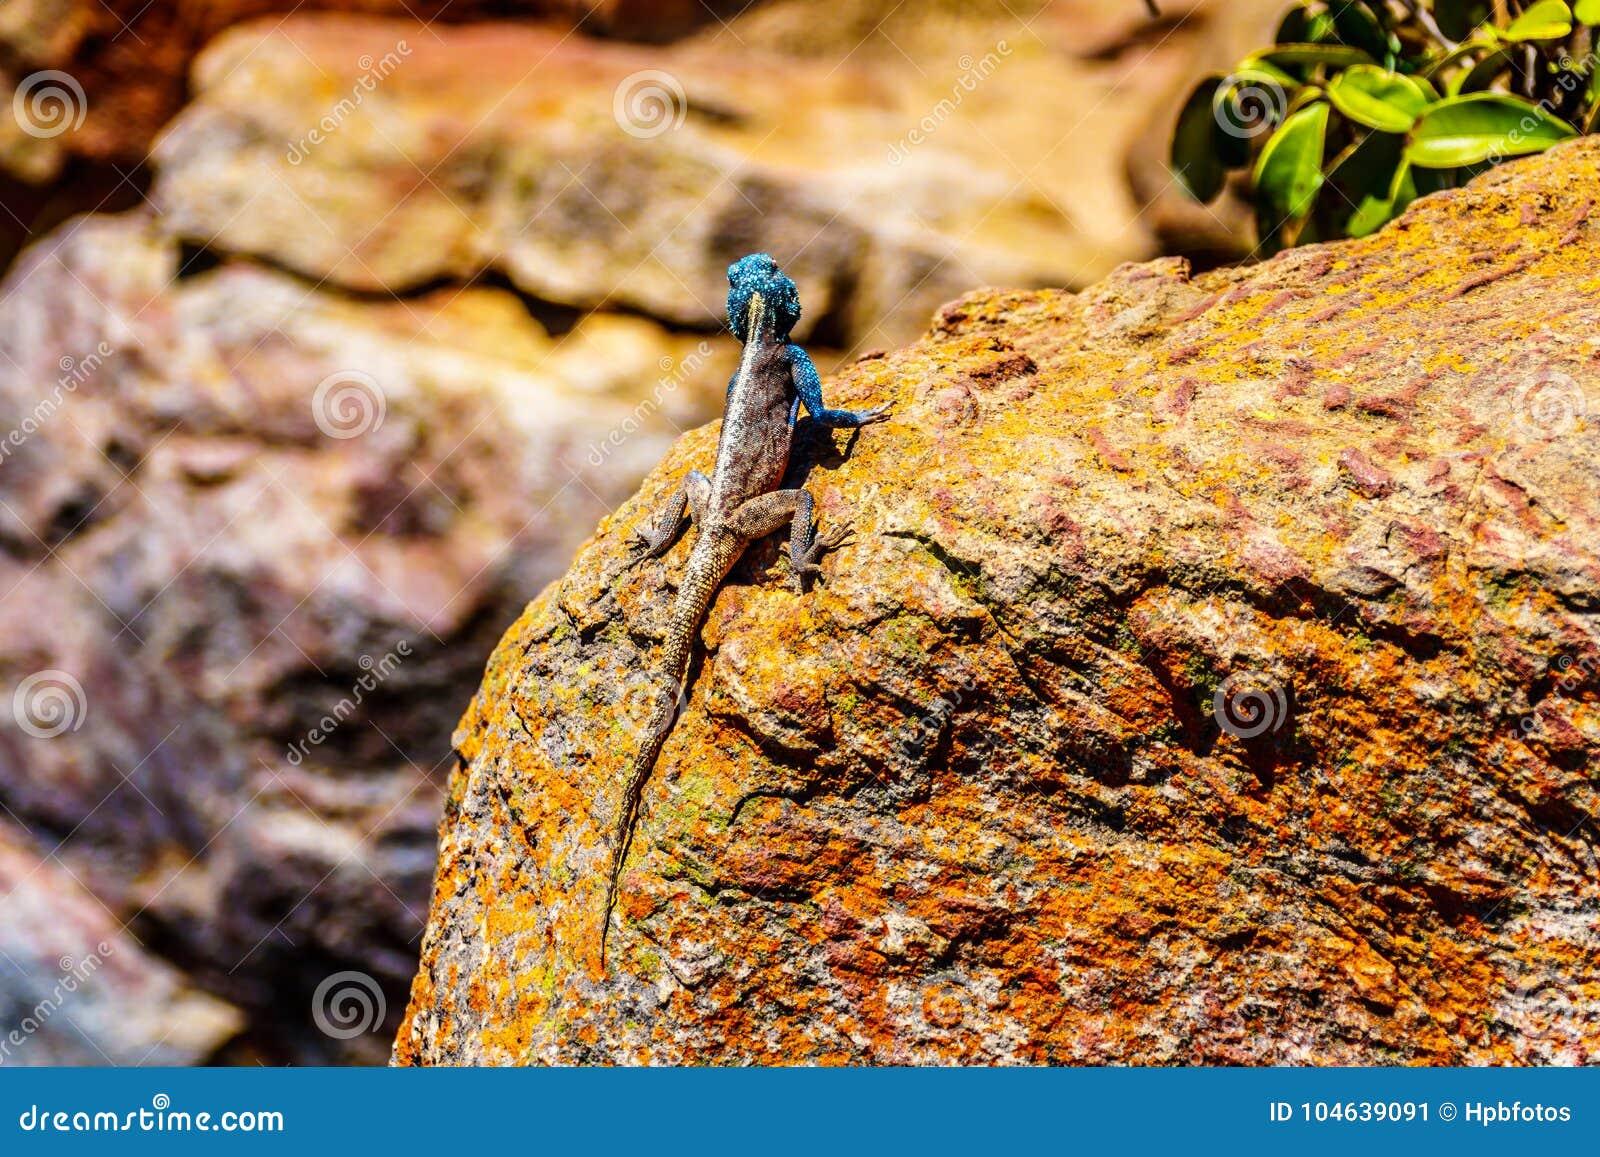 Download Zuidelijke Rotsagama Hagedis, Of Agama Atra Stock Afbeelding - Afbeelding bestaande uit draak, lichaam: 104639091